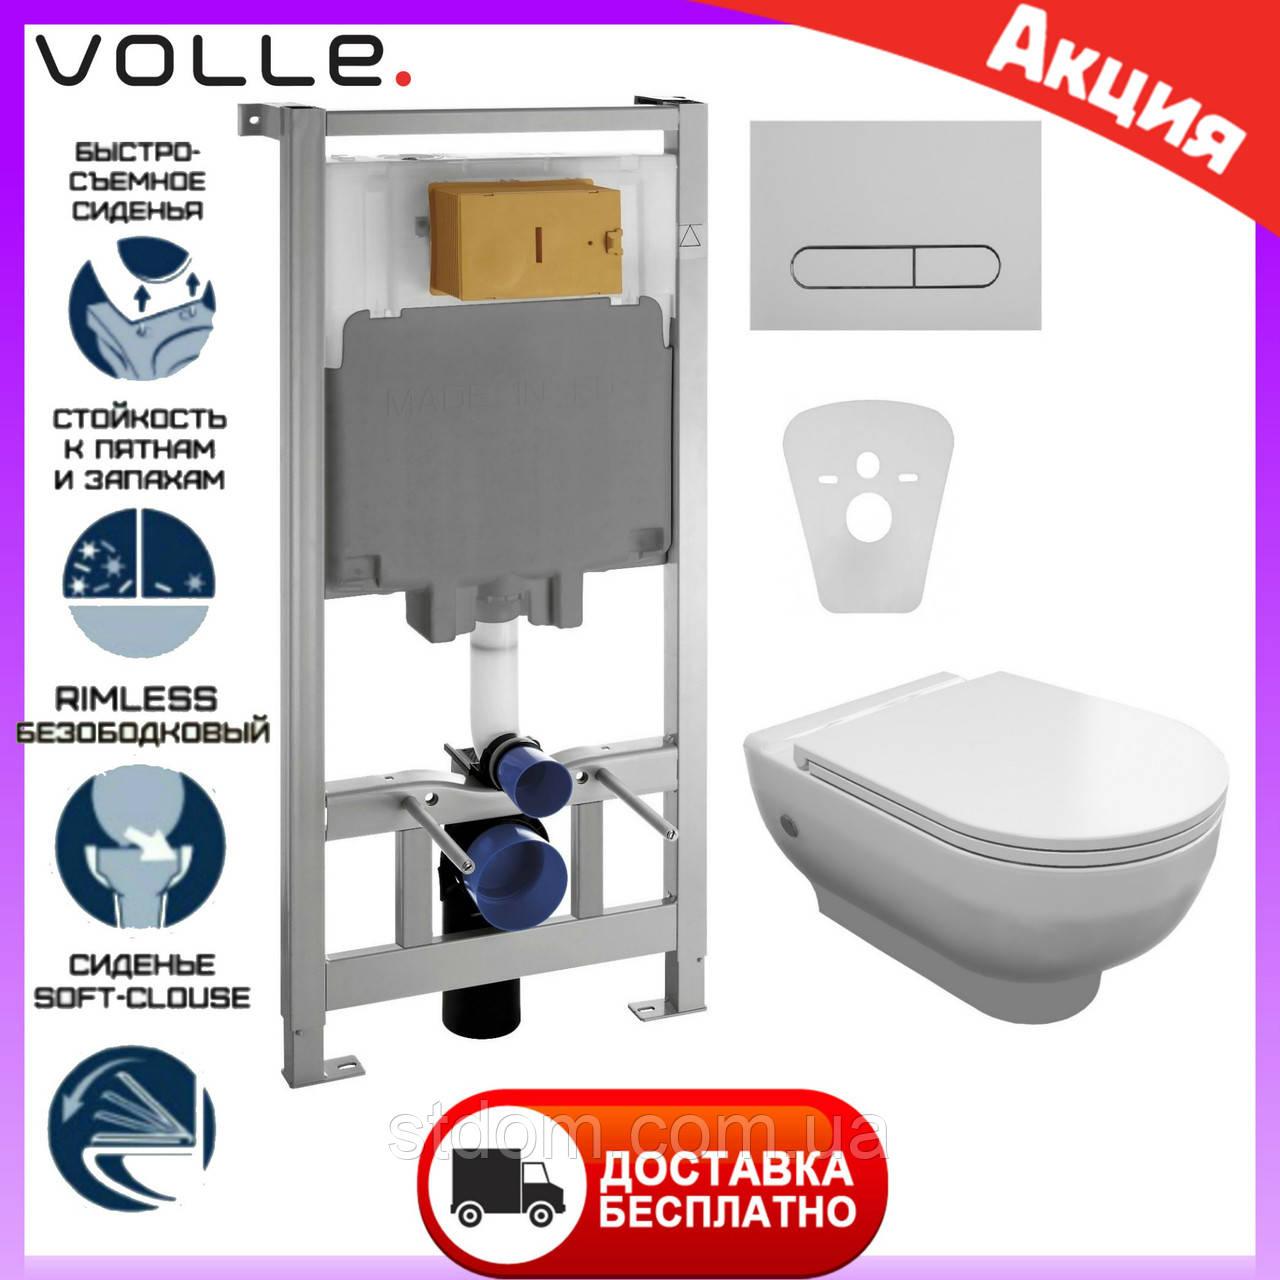 Унітаз підвісний безободковый Volle Virgo + інсталяція 3в1 Volle. Комплекти унітазів з інсталяціями